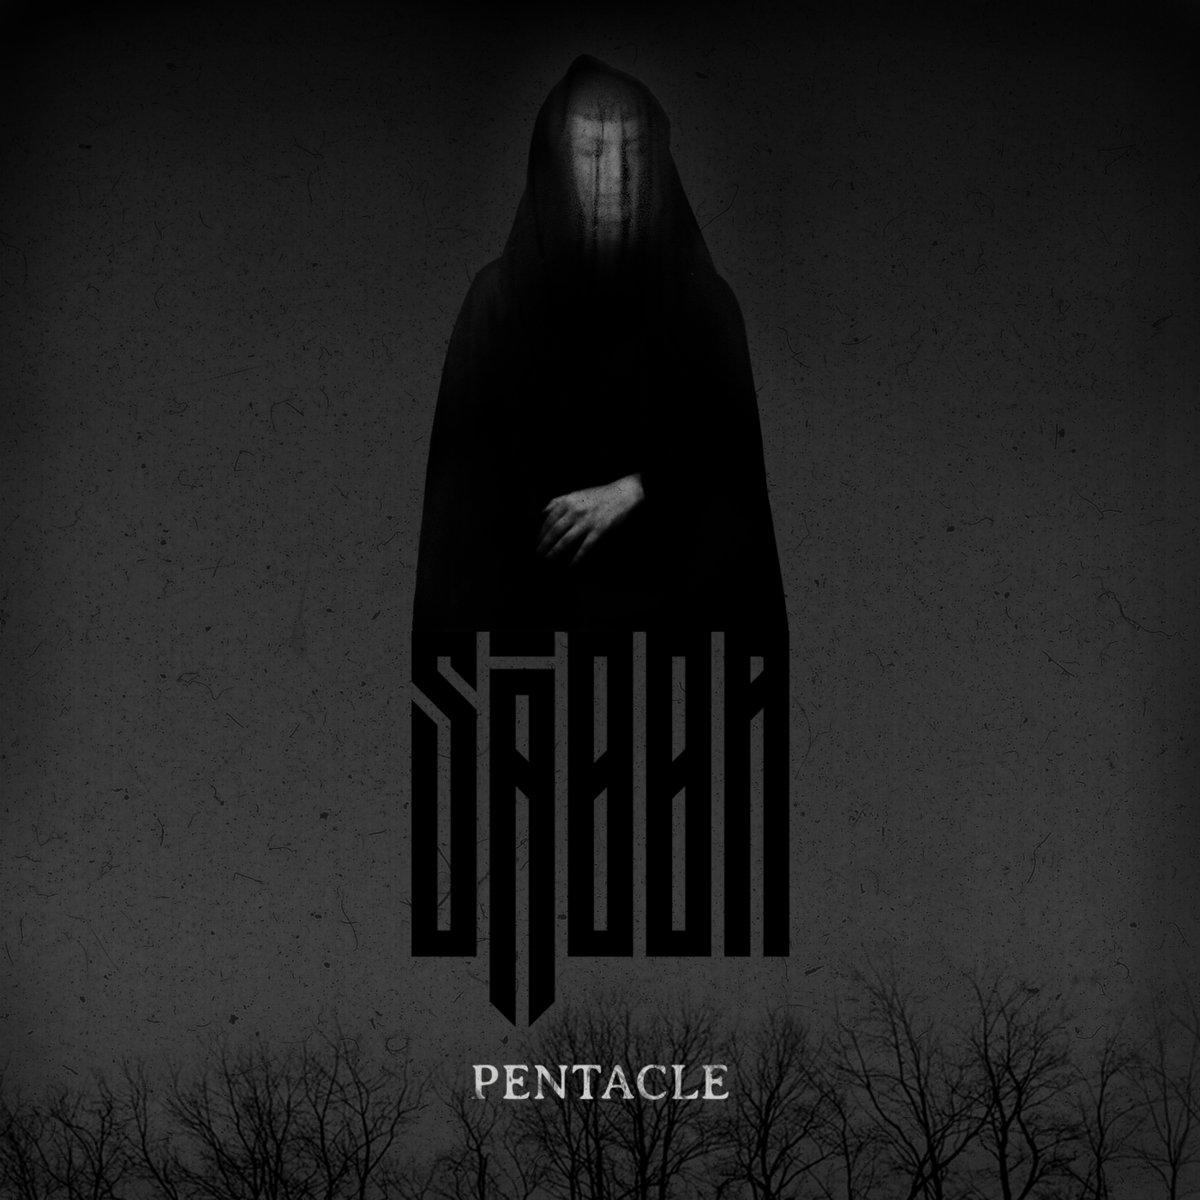 sabba pentacle